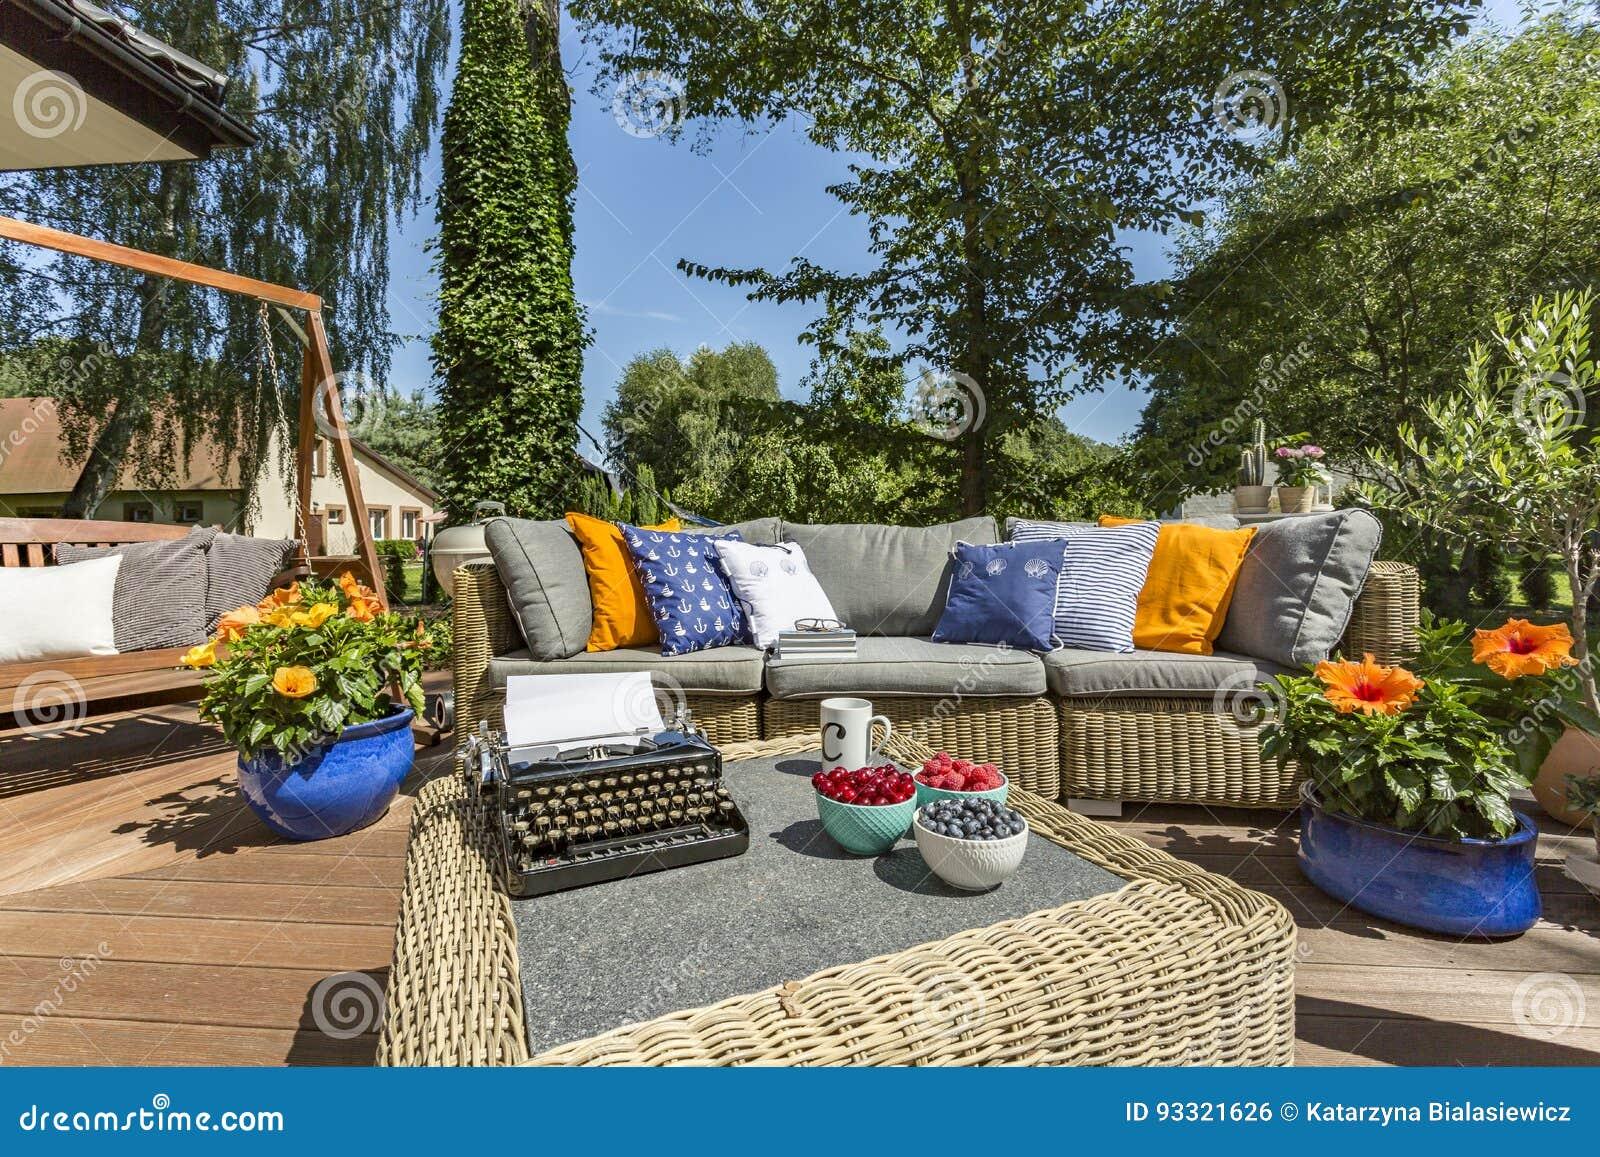 Mobili Per Giardino E Terrazzo.Terrazzo Con Mobili Da Giardino E La Macchina Da Scrivere Fotografia